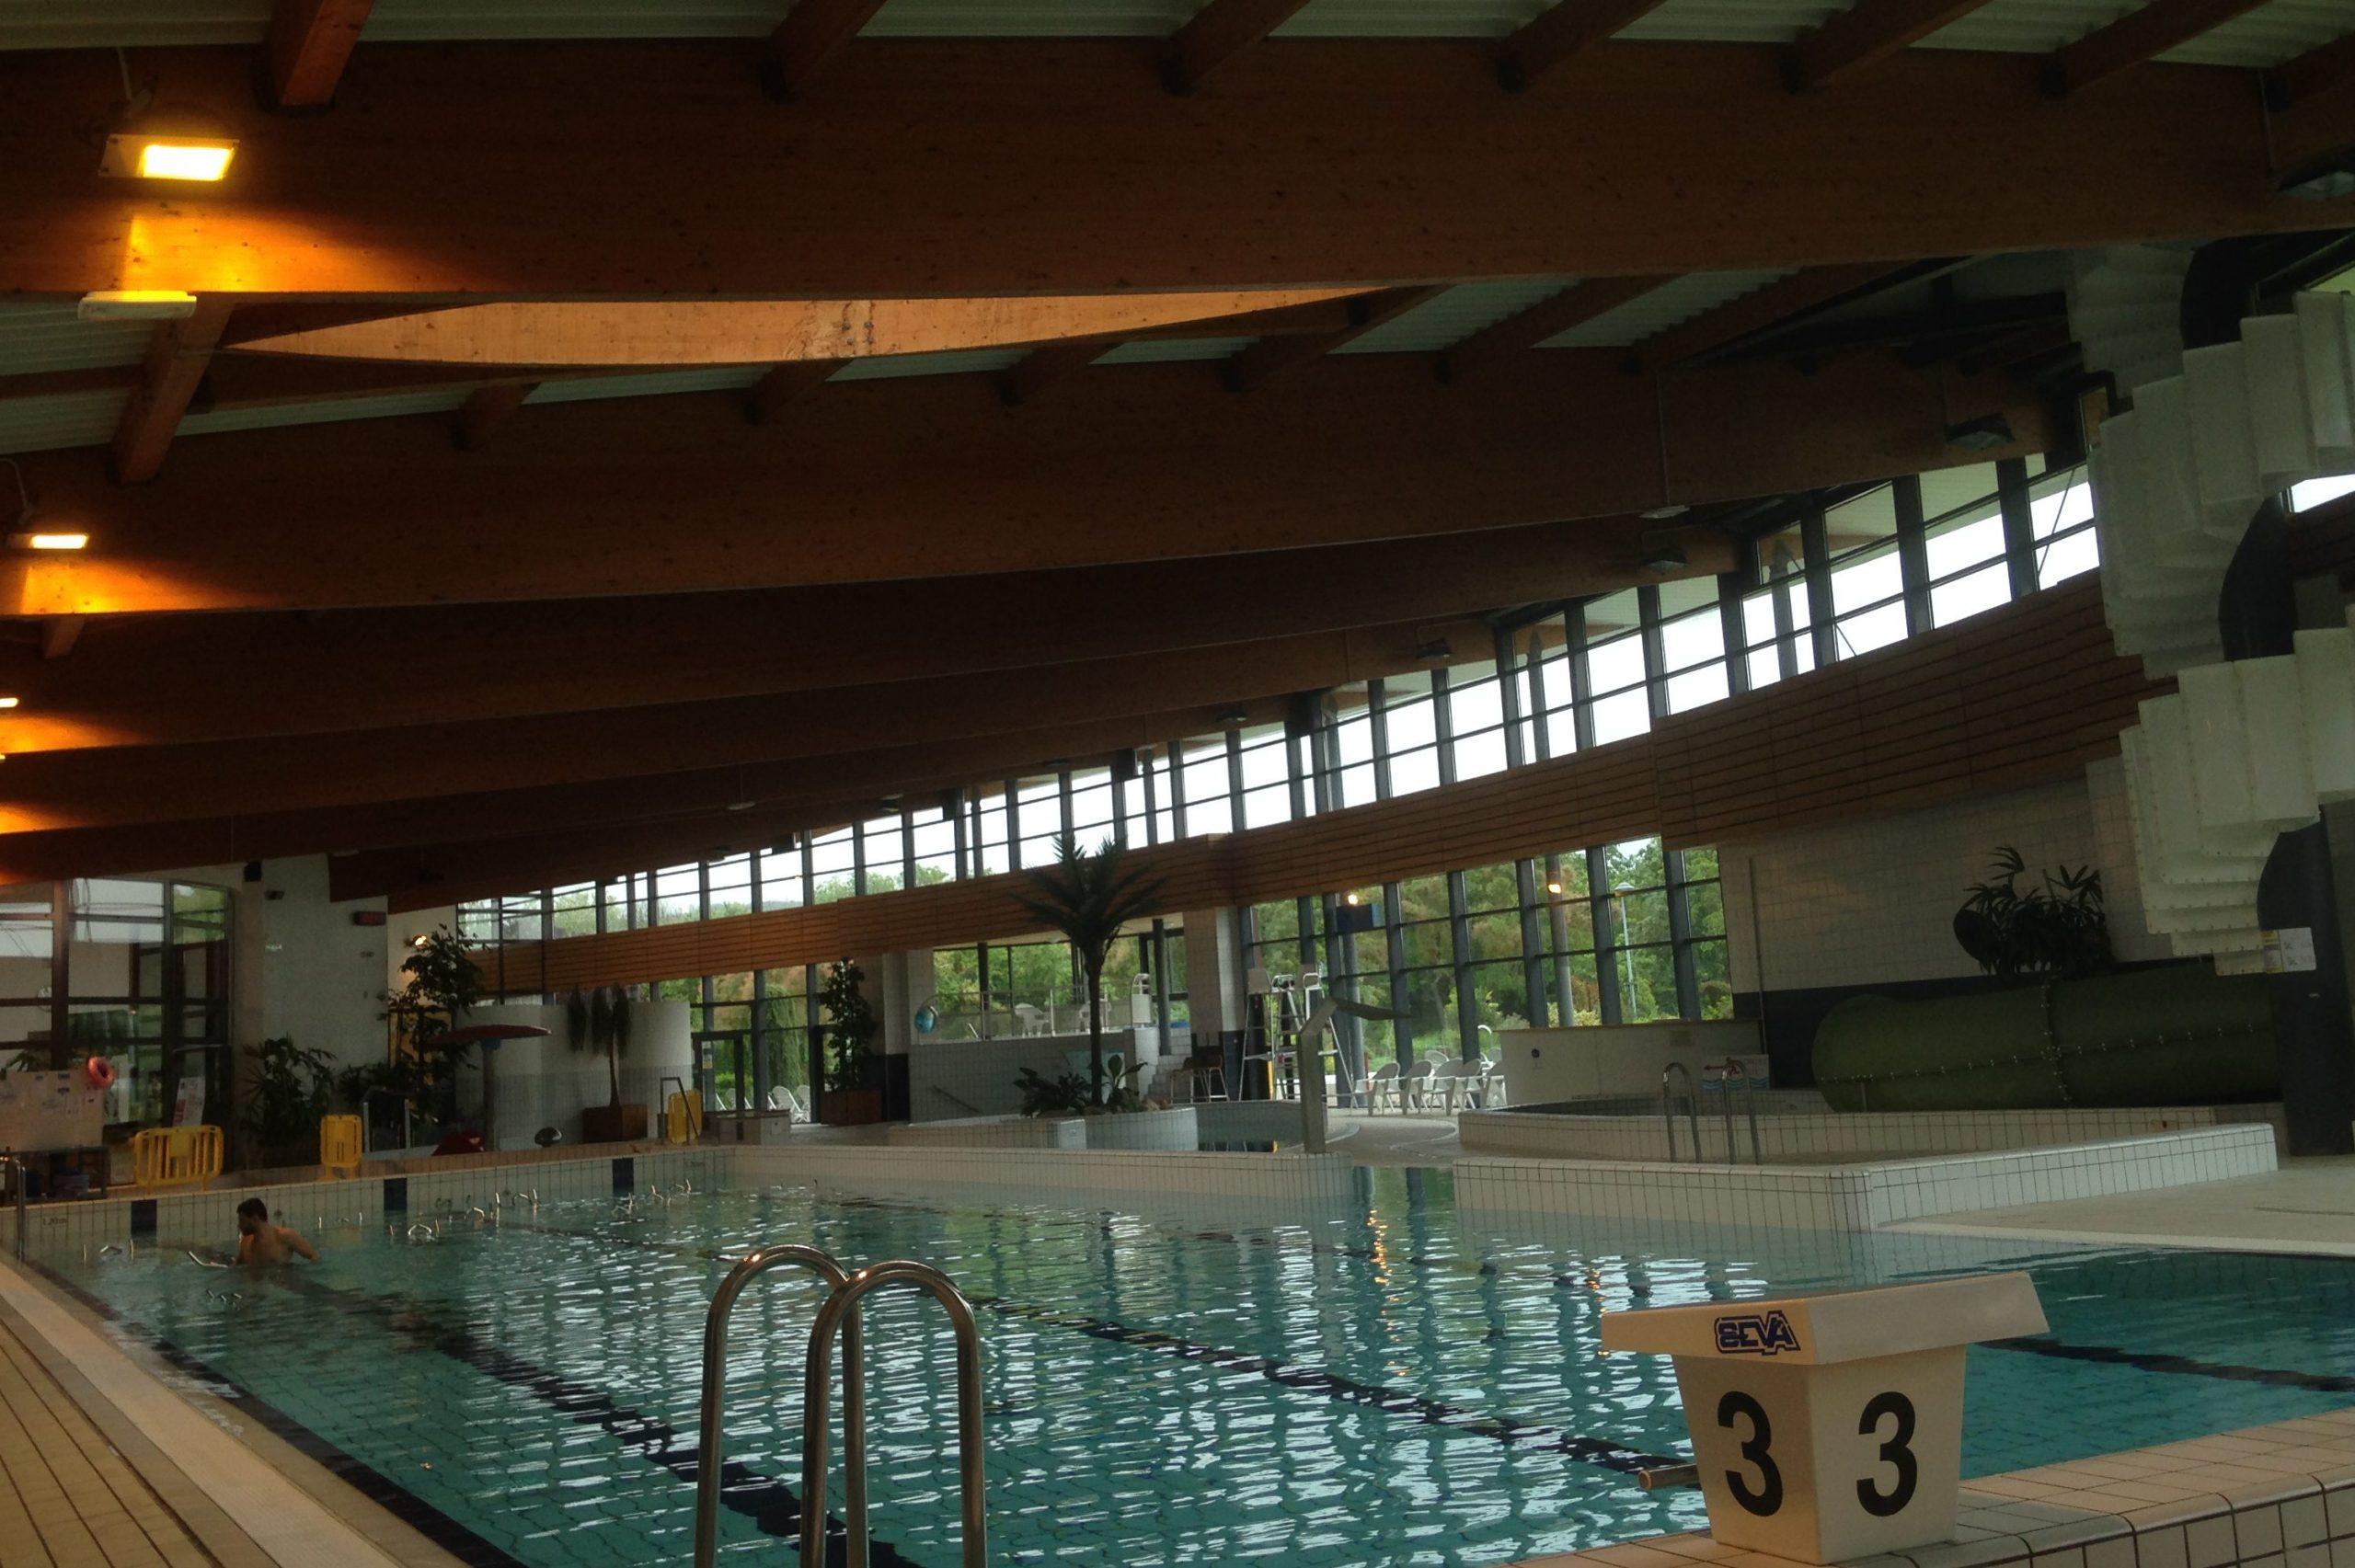 Arbonis | Saint Vulbas (01) – Piscine Sports Loisirs tout Saint Vulbas Piscine